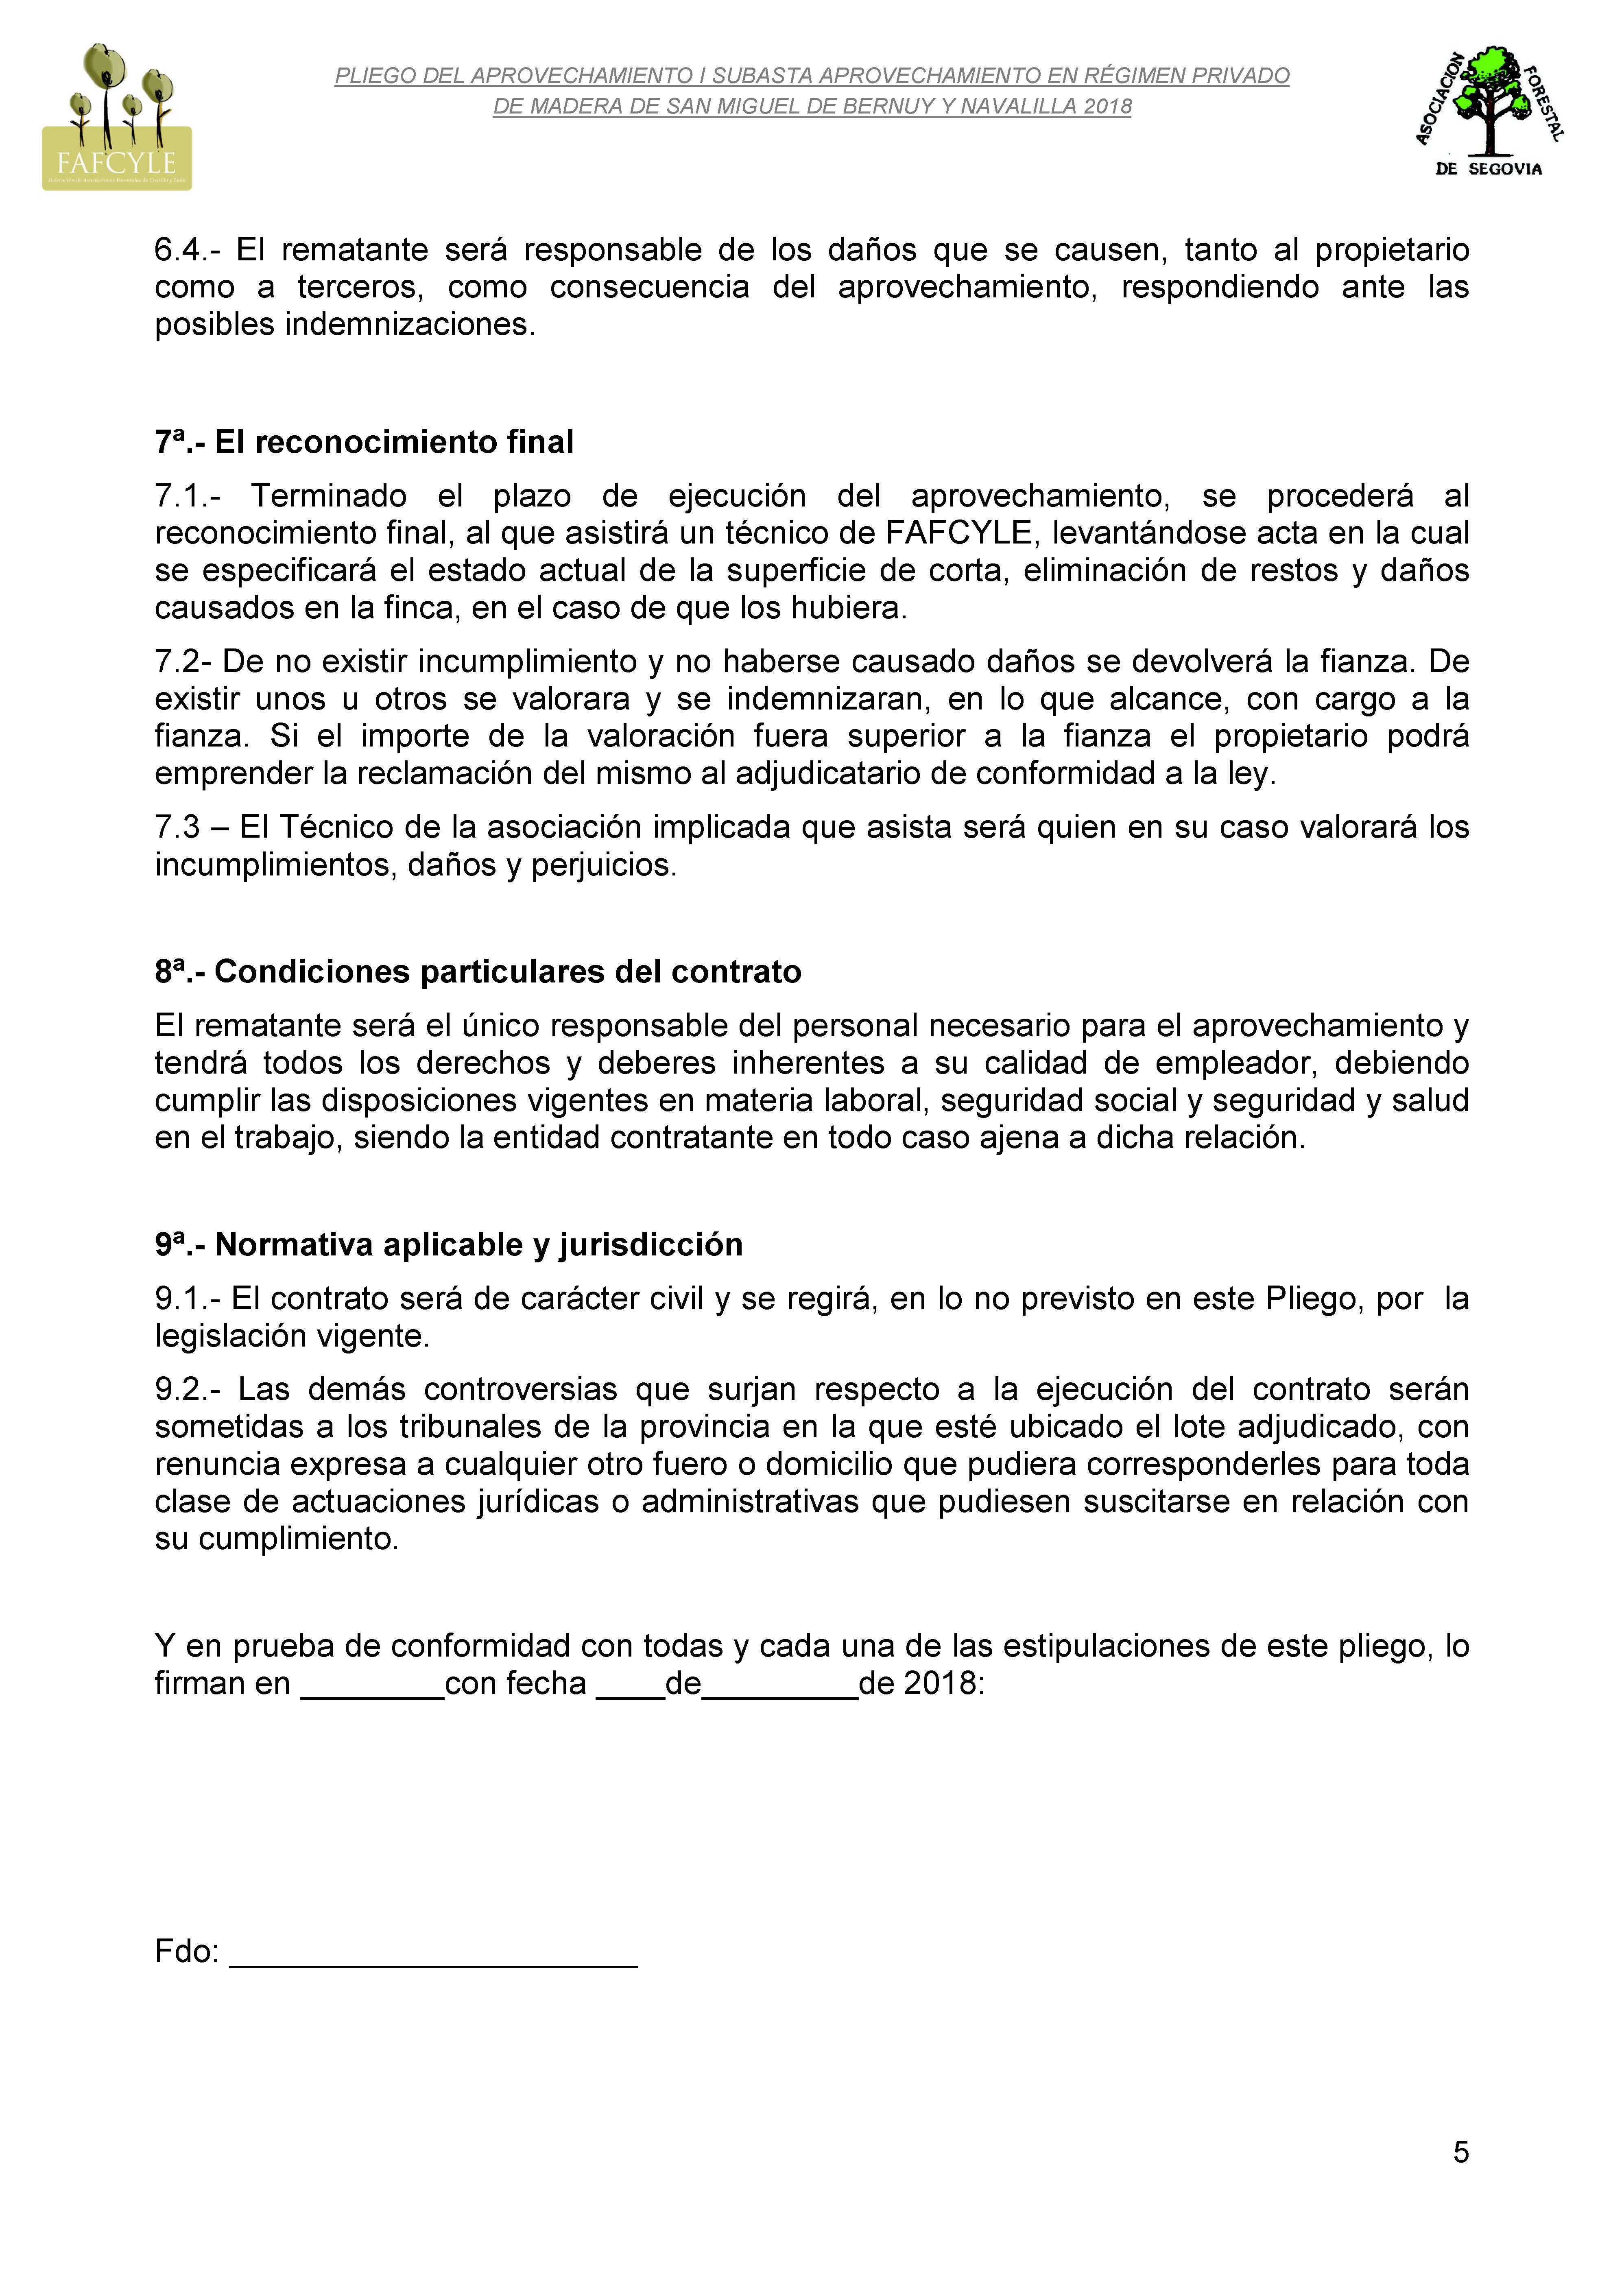 Pliego de aprovechamiento San Miguel de Bernuy y Navalilla_Página_5